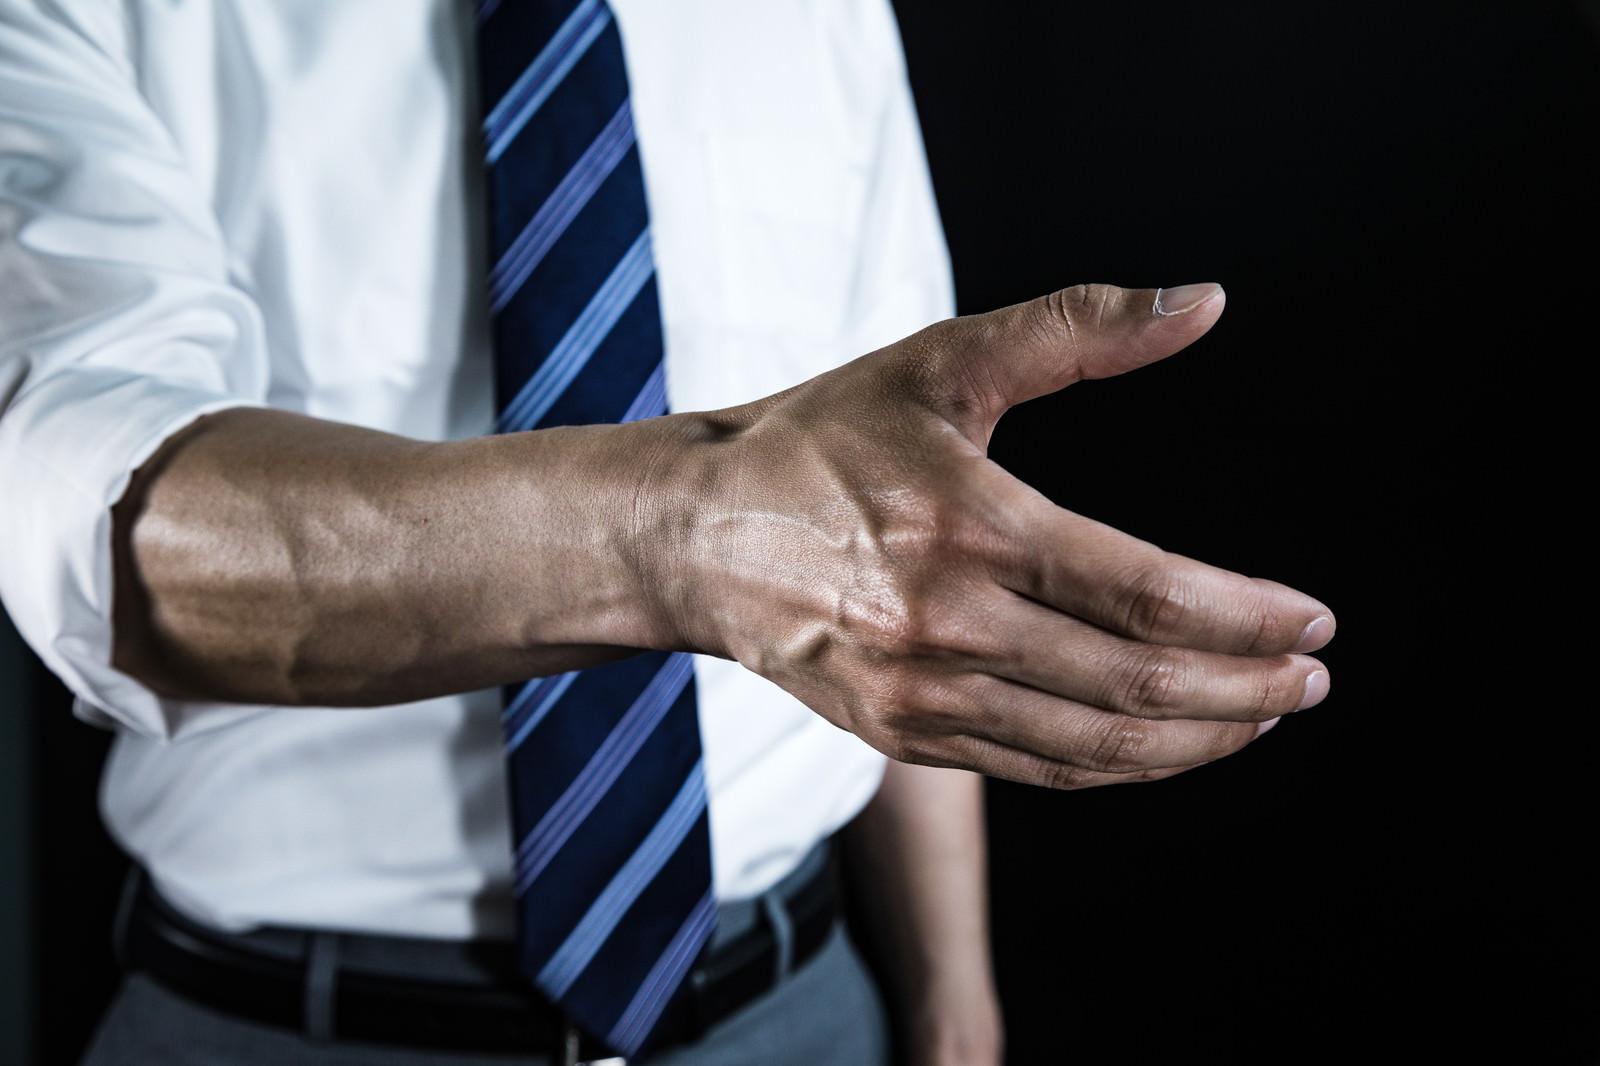 男性の腕の血管はモテる要素|腕の血管に女性がトキメク瞬間6つ